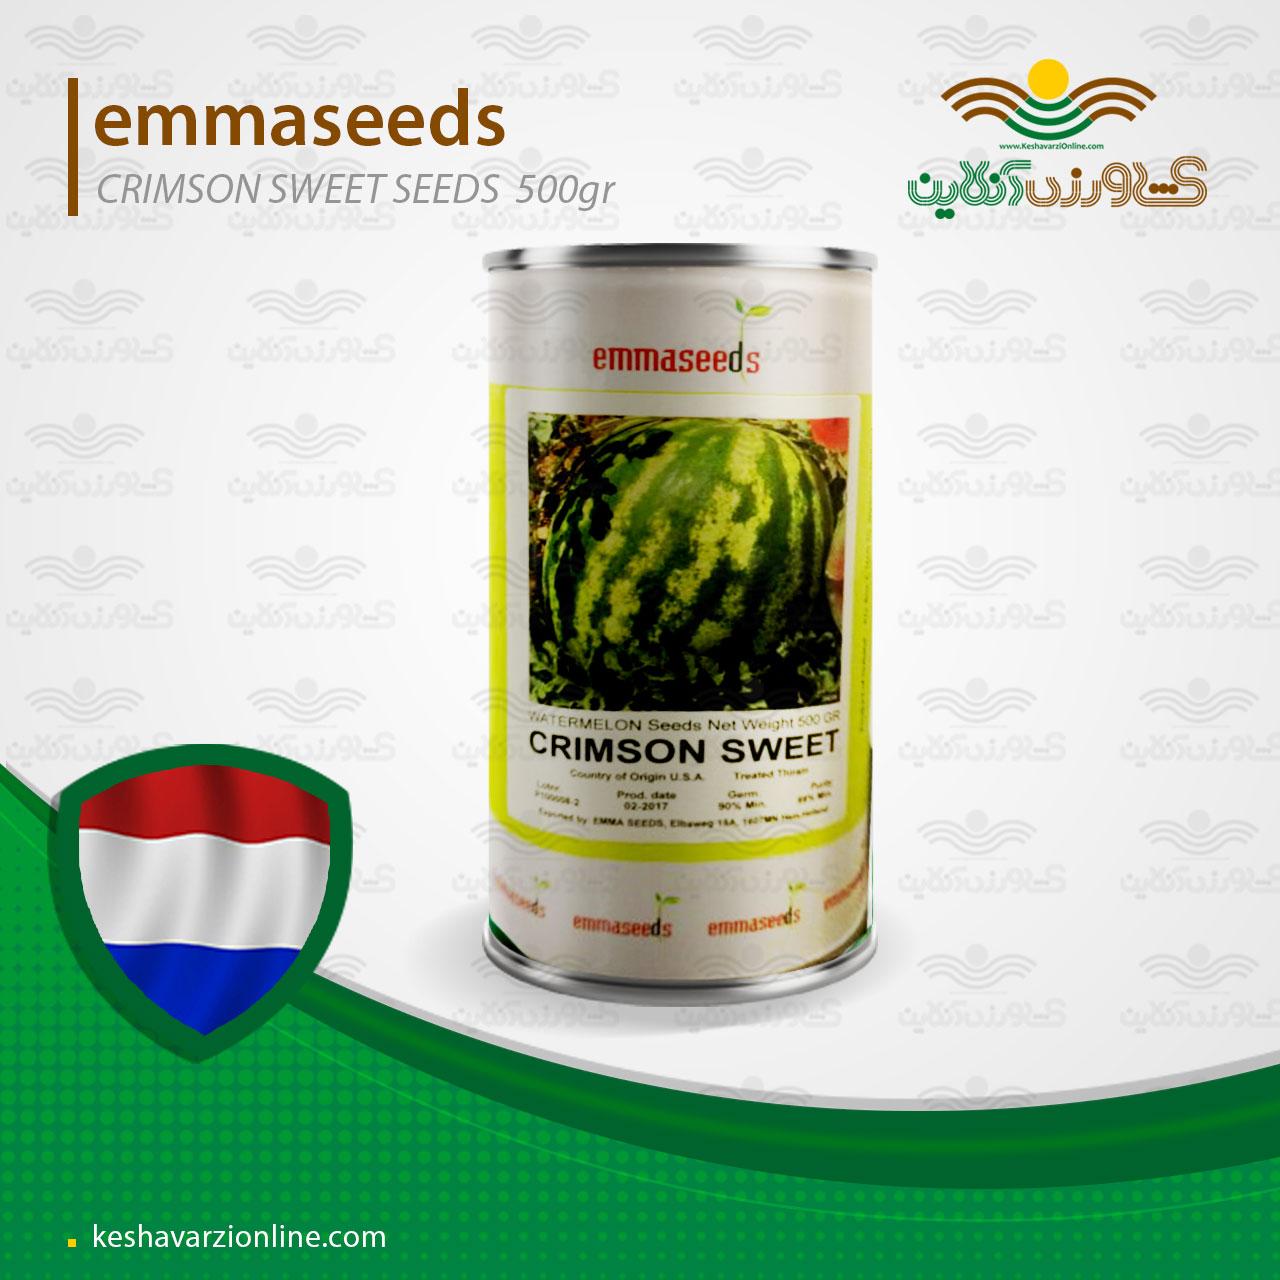 بذر هندوانه کریمسون سوئیت هلندی